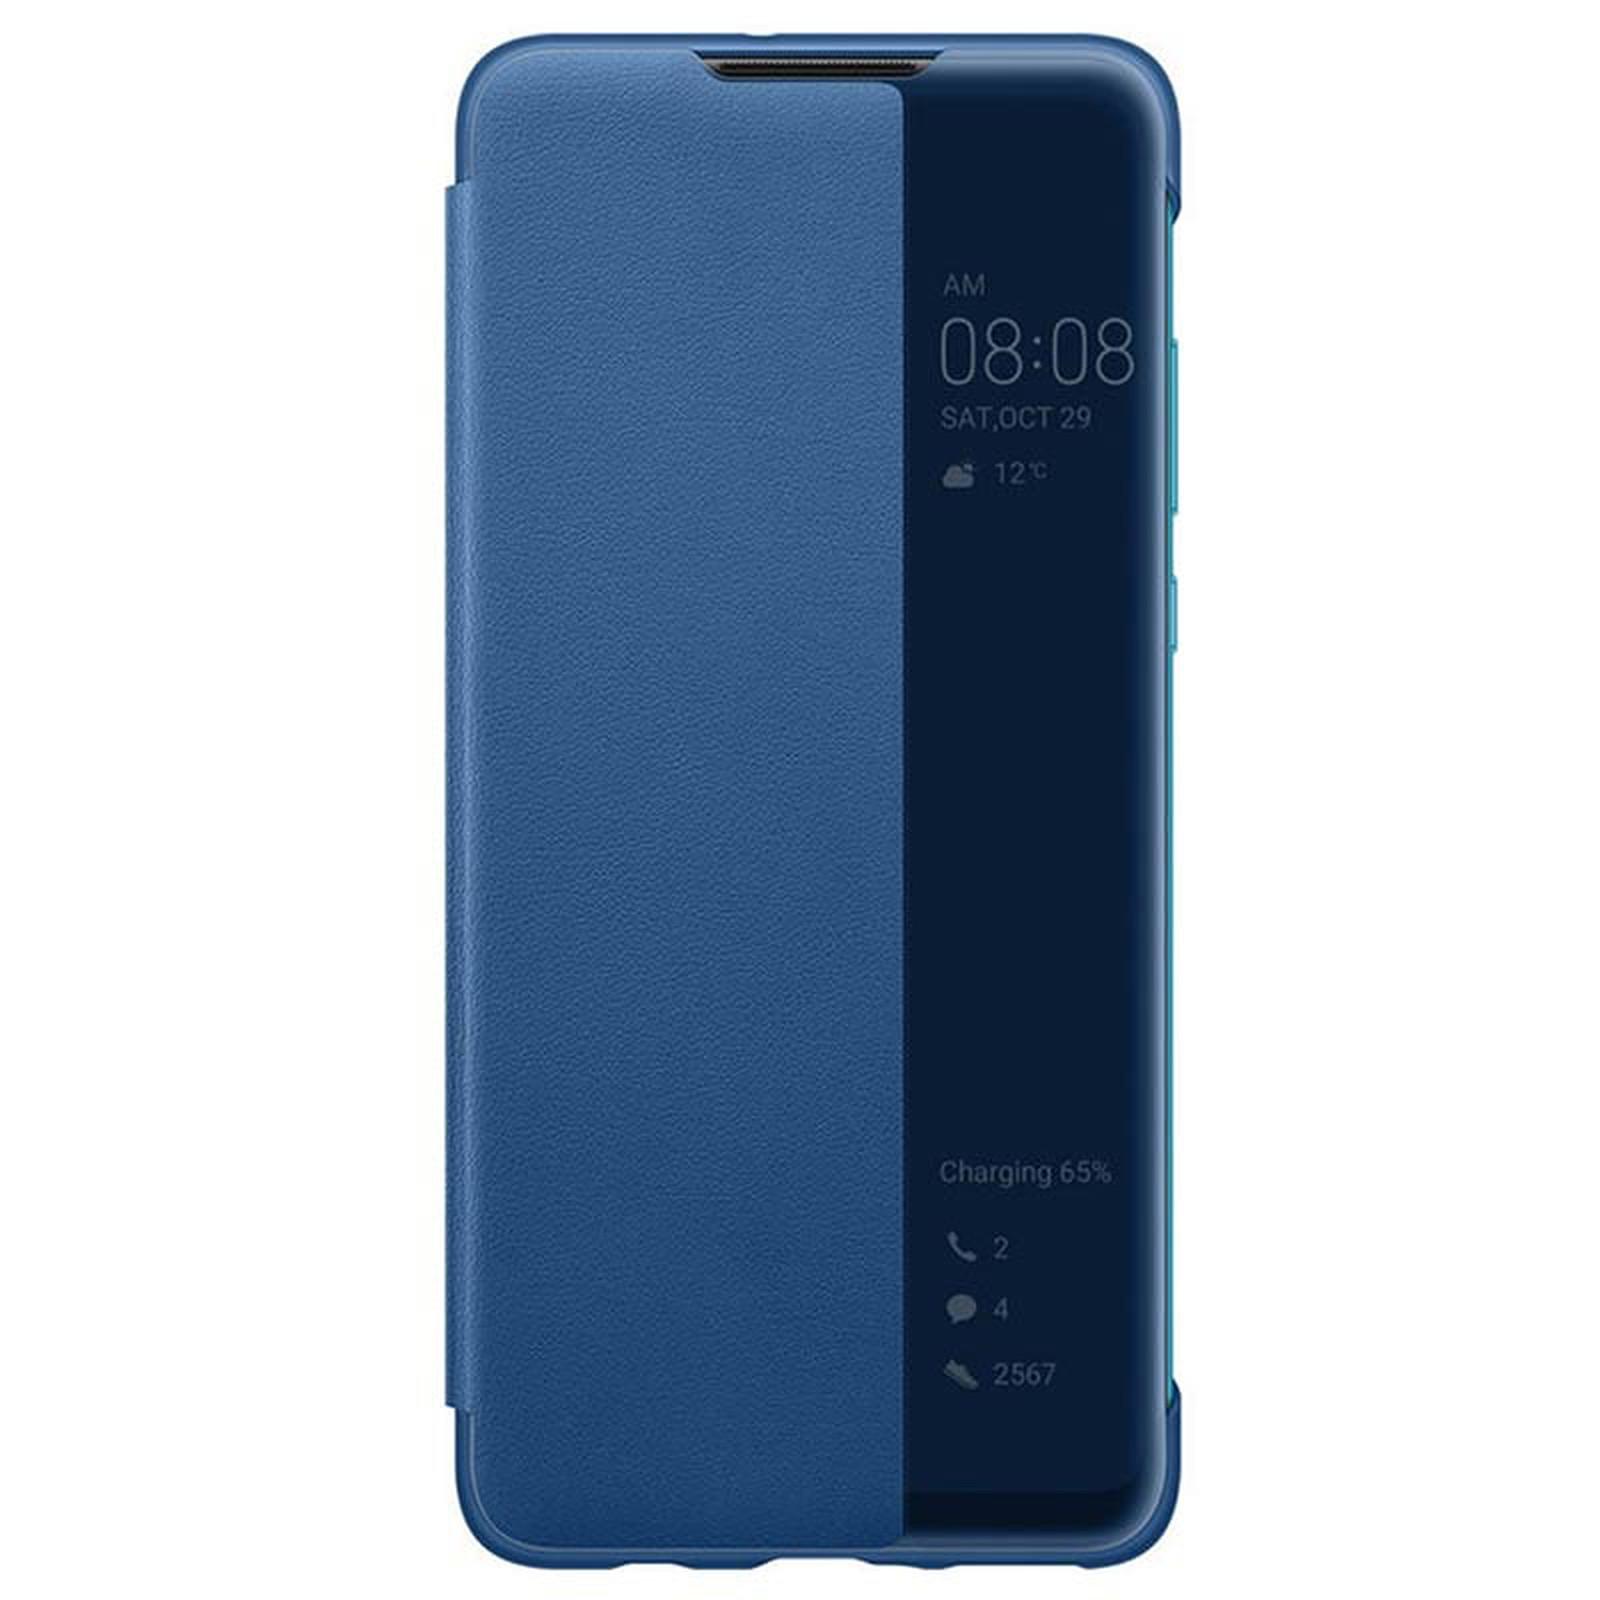 Huawei Smart View Funda Flip Azul P30 Lite